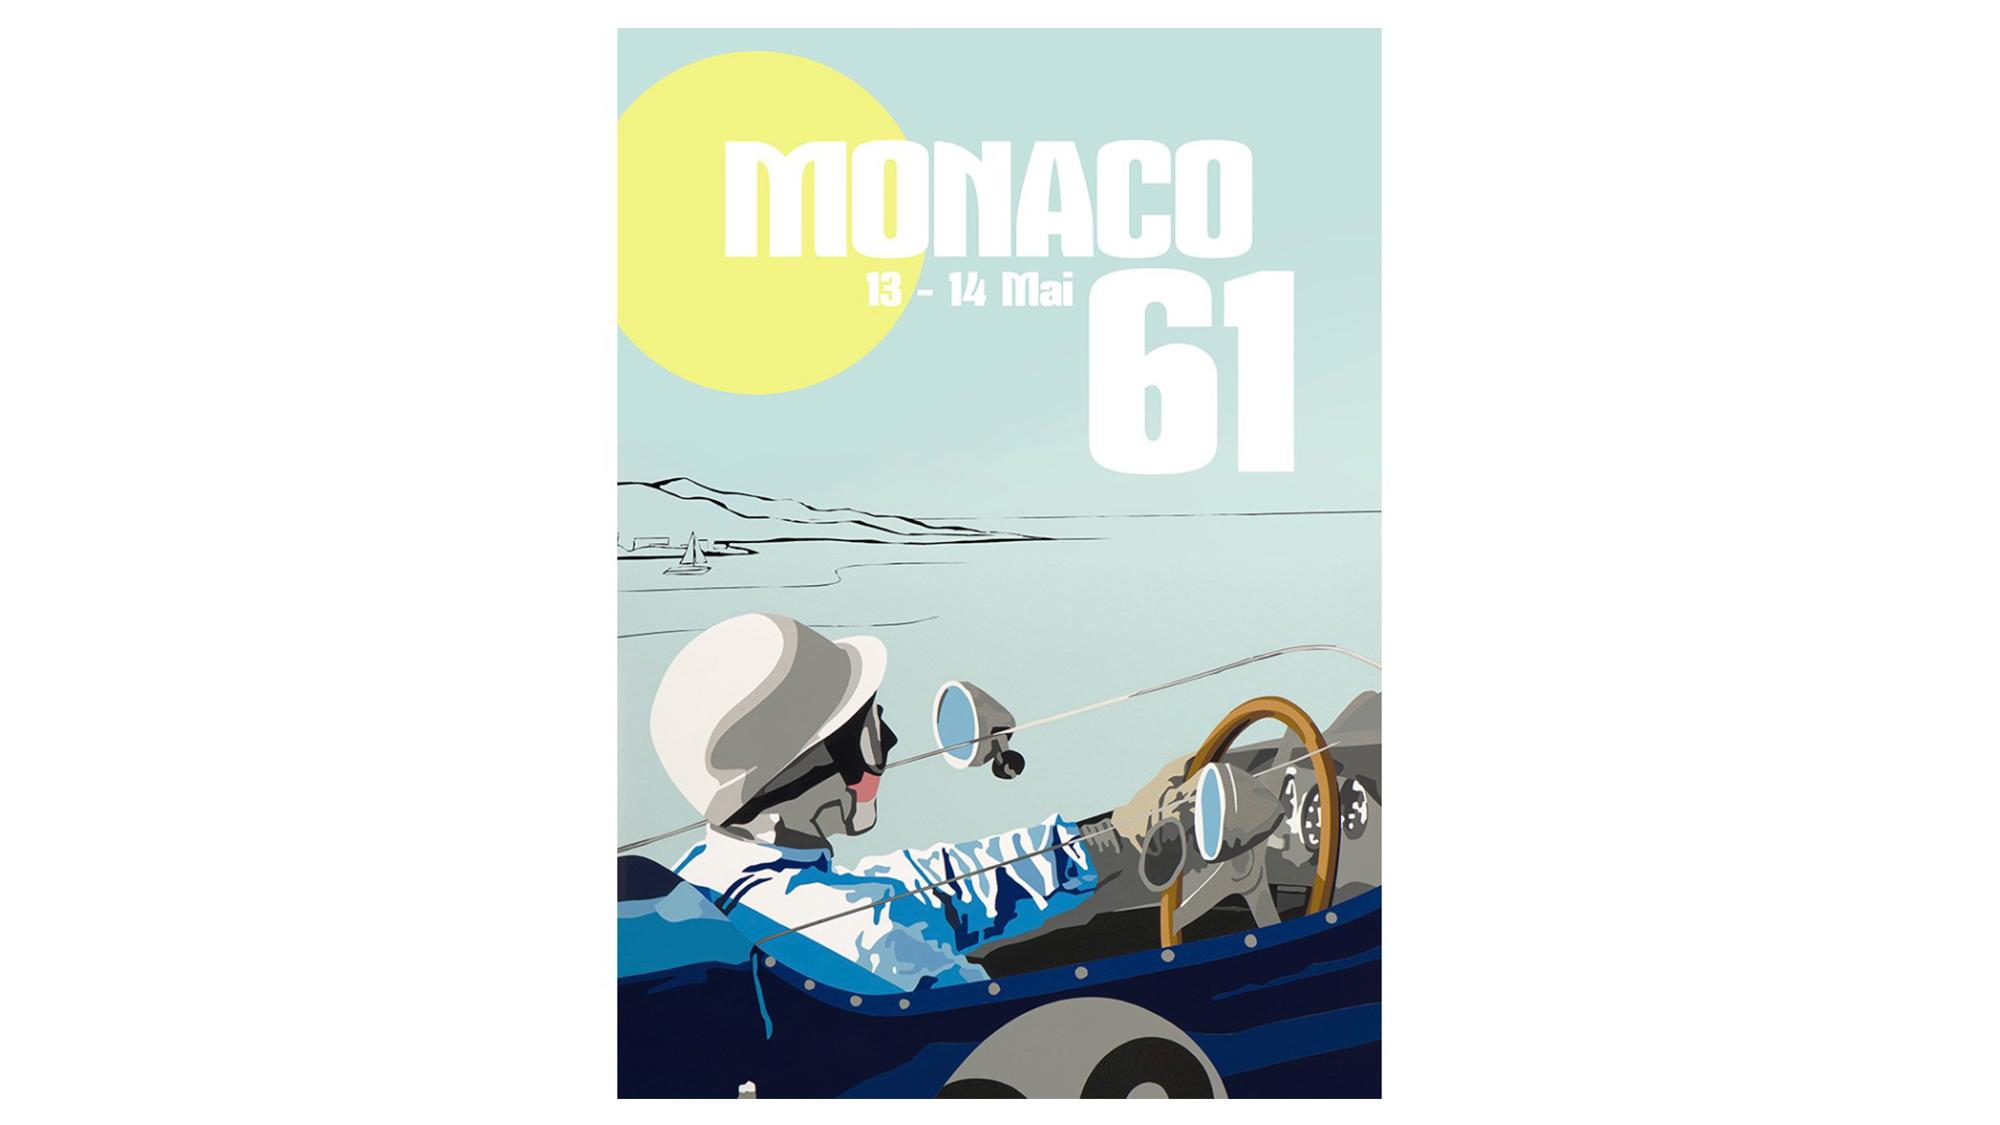 Monaco 61 poster